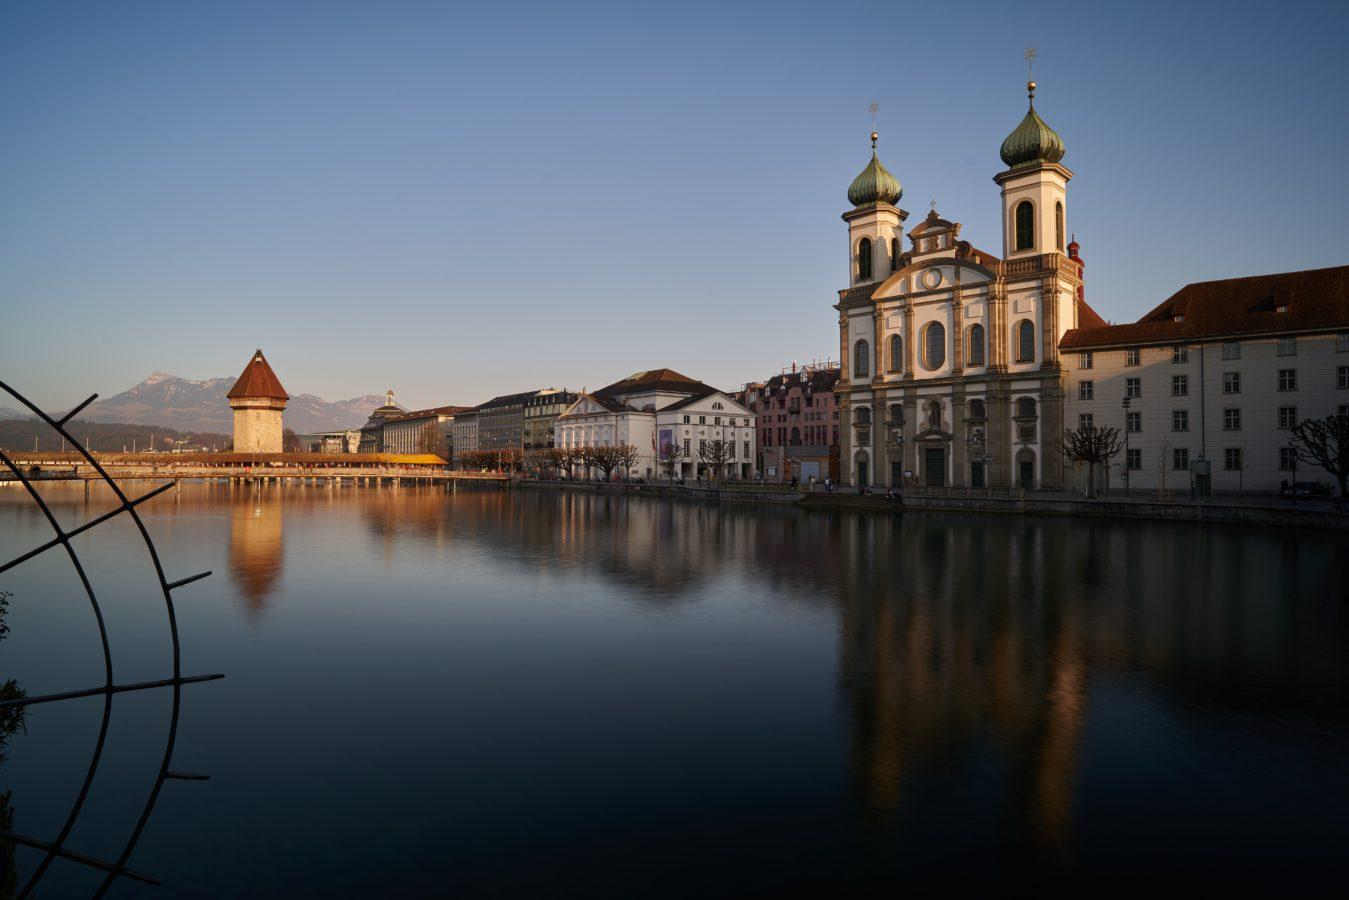 Le tourisme,  un secteur important de l'économie en Suisse